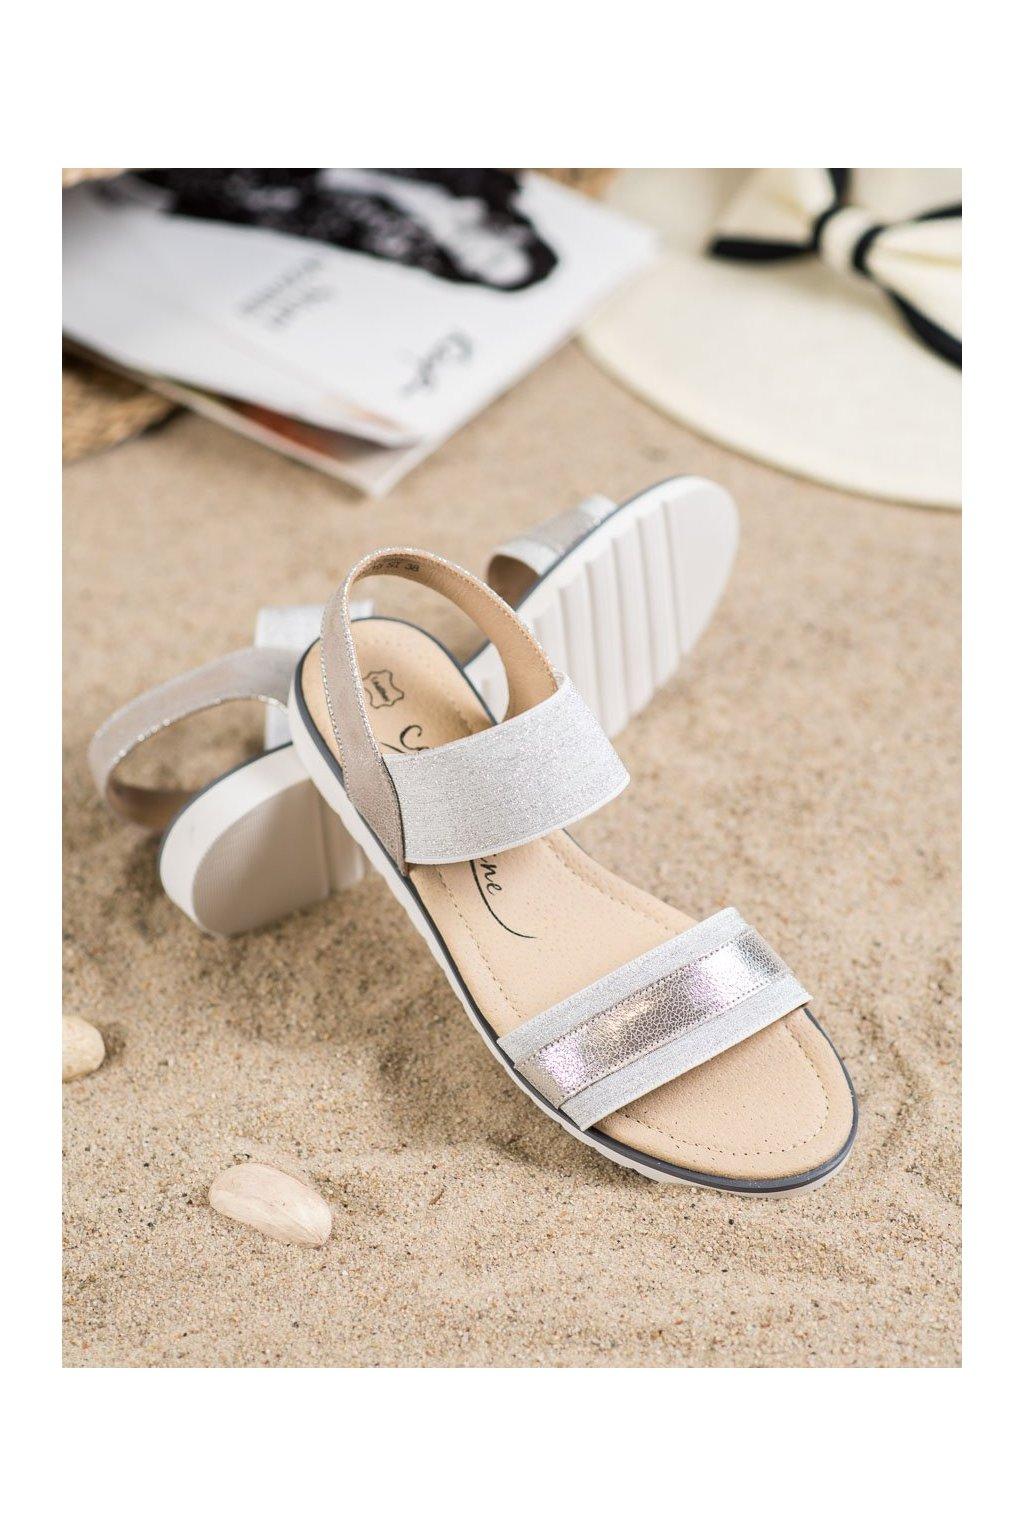 Sivé sandále Filippo kod DS755/19S